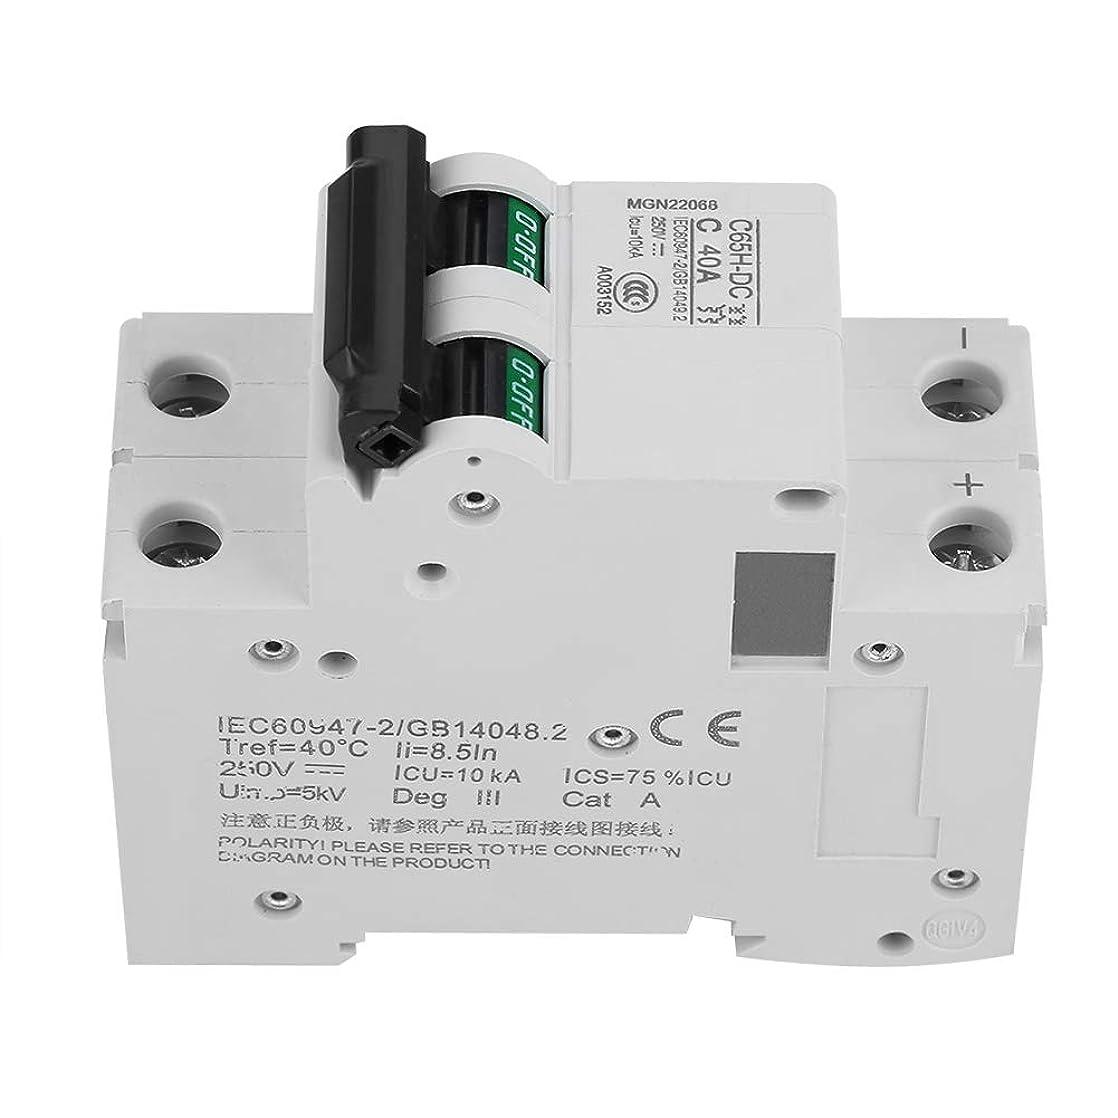 実質的に切断する先入観2P 40A 250V低電圧DCミニチュアサーキットブレーカ